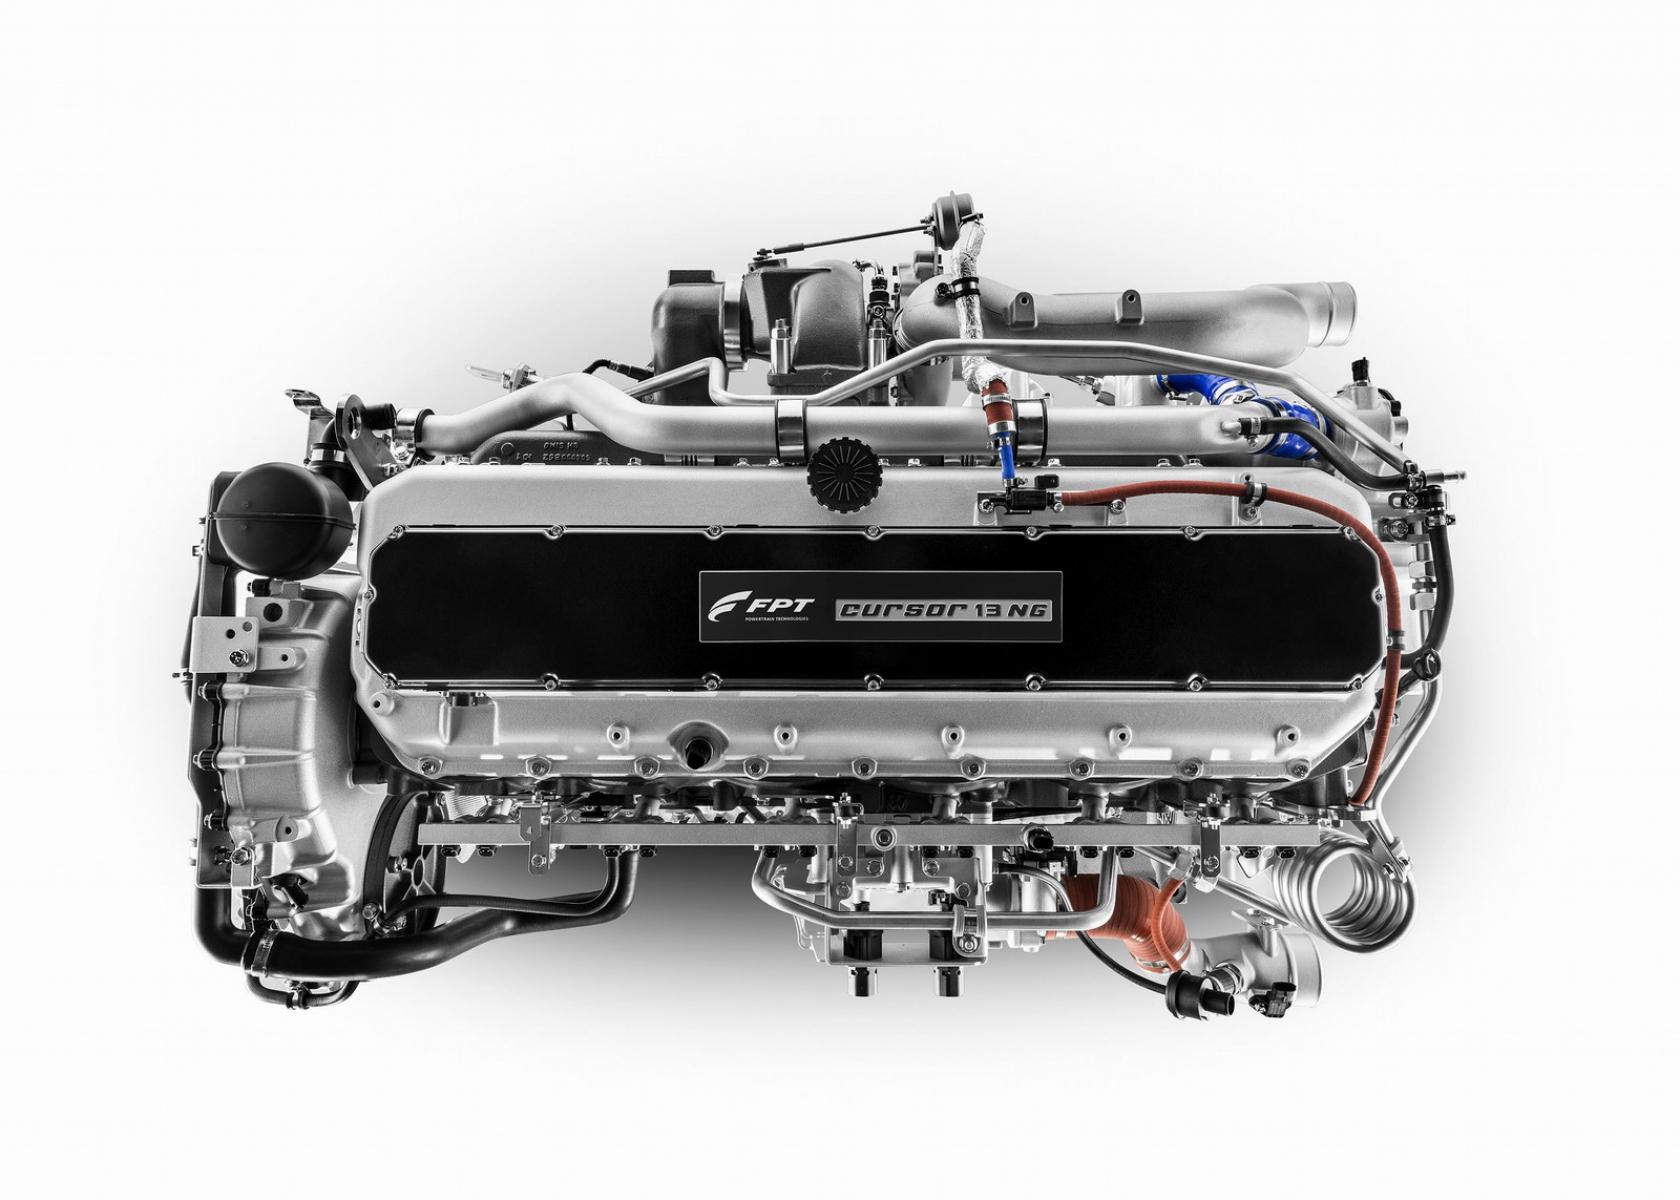 cursor 13 ng methane engine unveiled gazeo com rh gazeo com